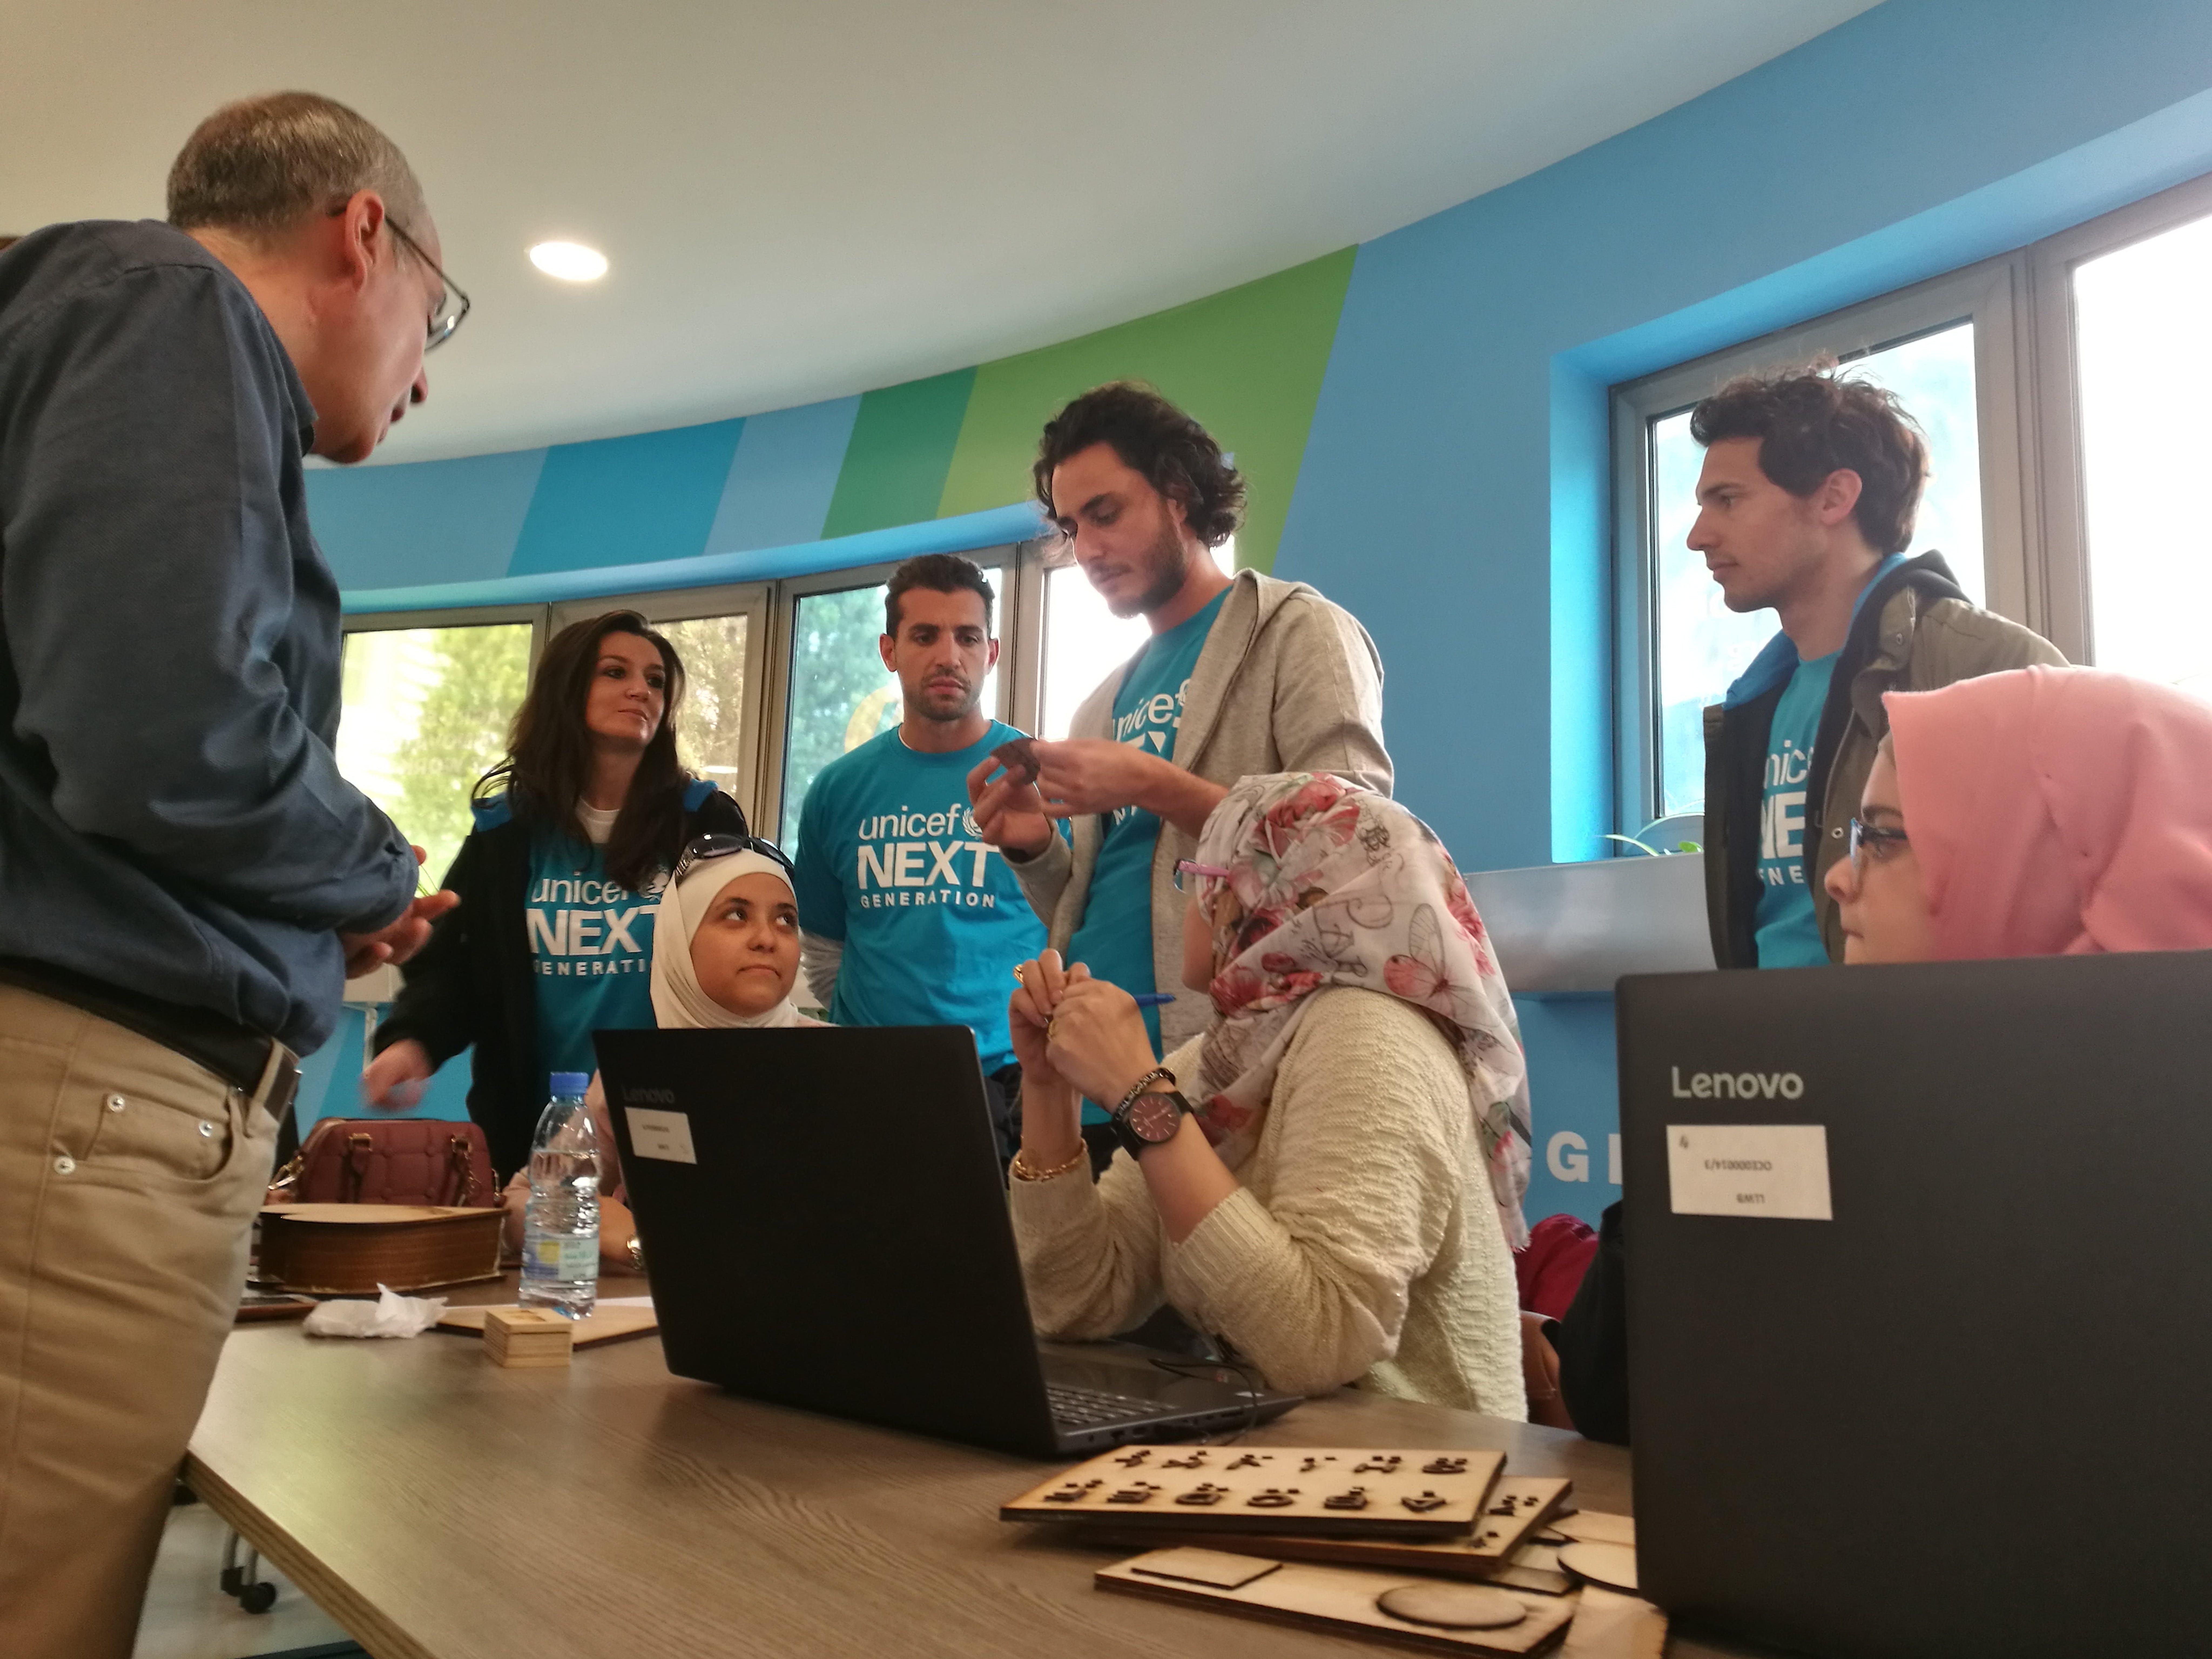 I founder di NextGen UNICEF Italia in visita in un Innovation Lab in Libano con giovani rifugiati siriani e palestinesi e ragazzi libanesi